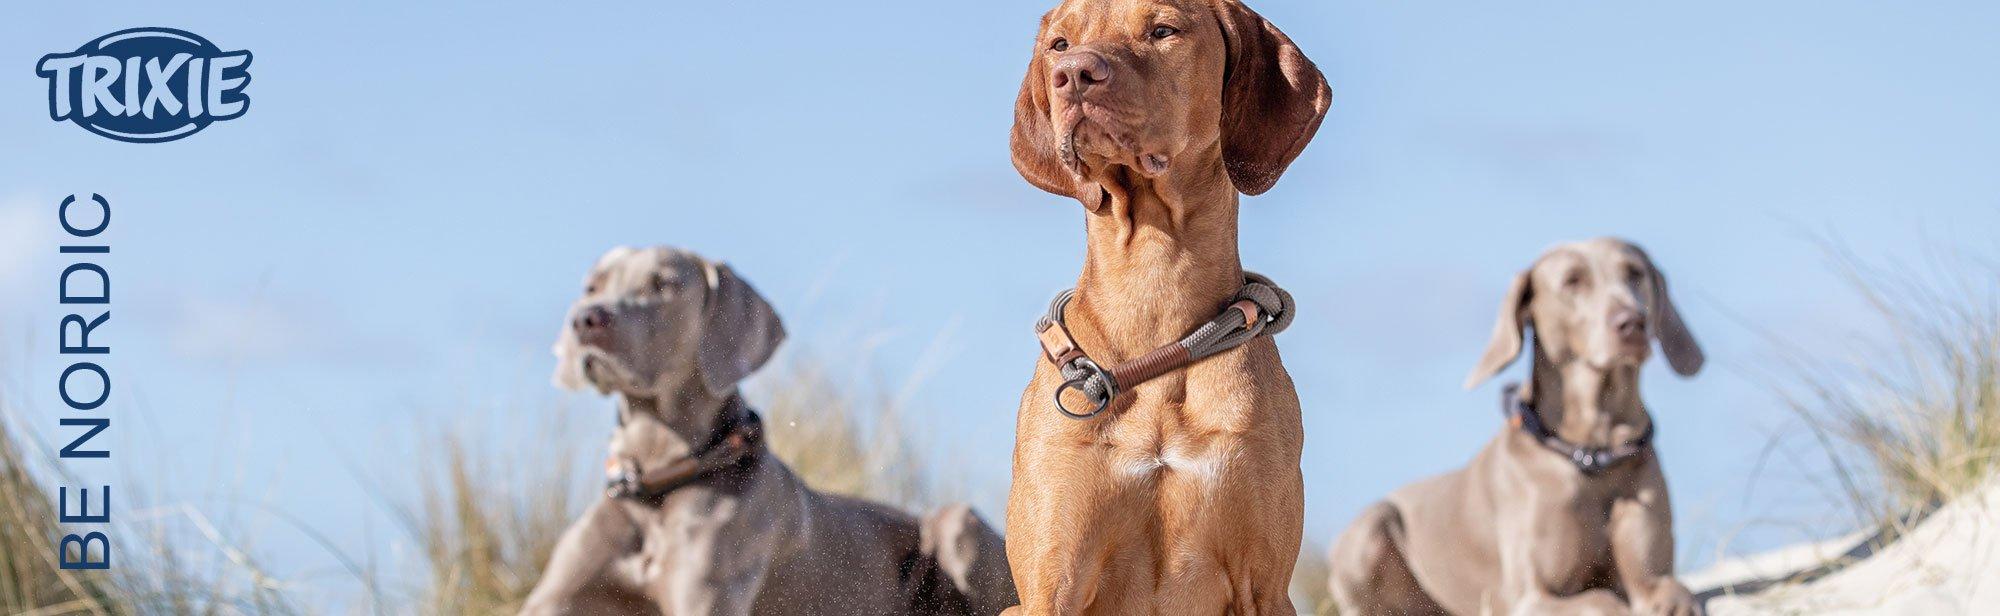 TRIXIE BE NORDIC - Hundezubehör Serie mit maritimen Flair!, Bild 6